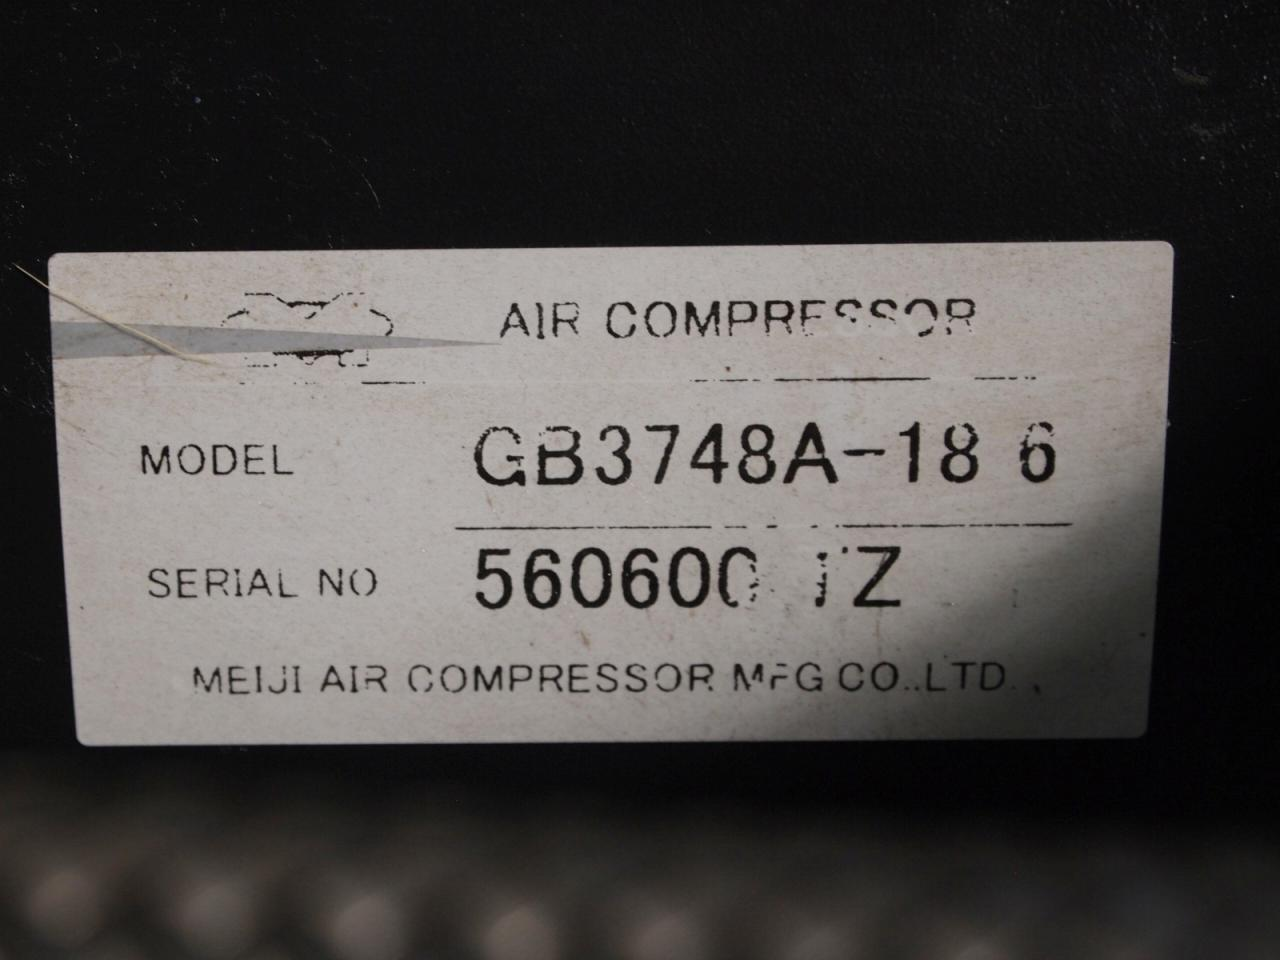 GB3748A-186銘板